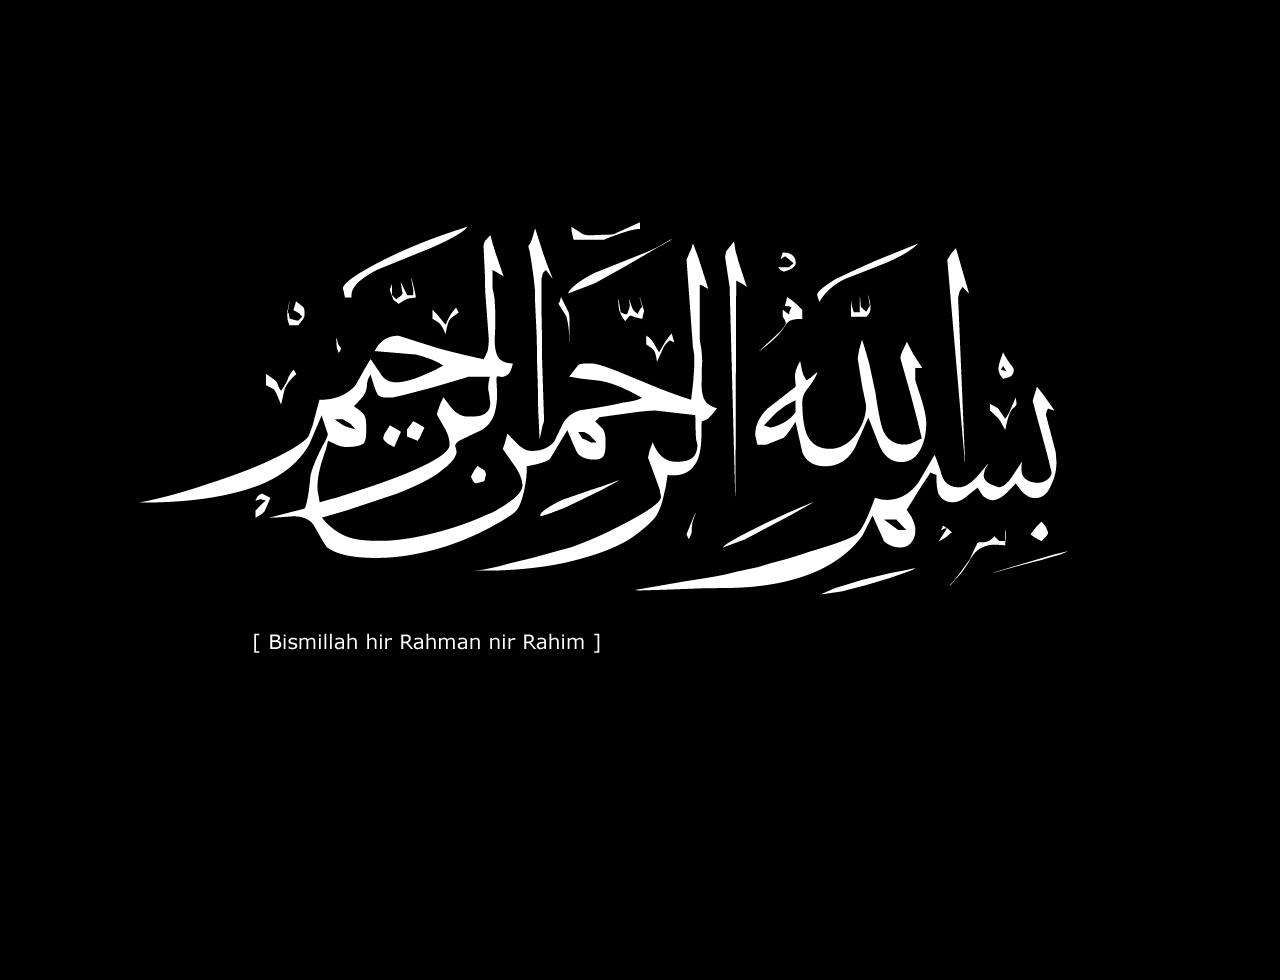 Islam Islam Photo 15679028 Fanpop